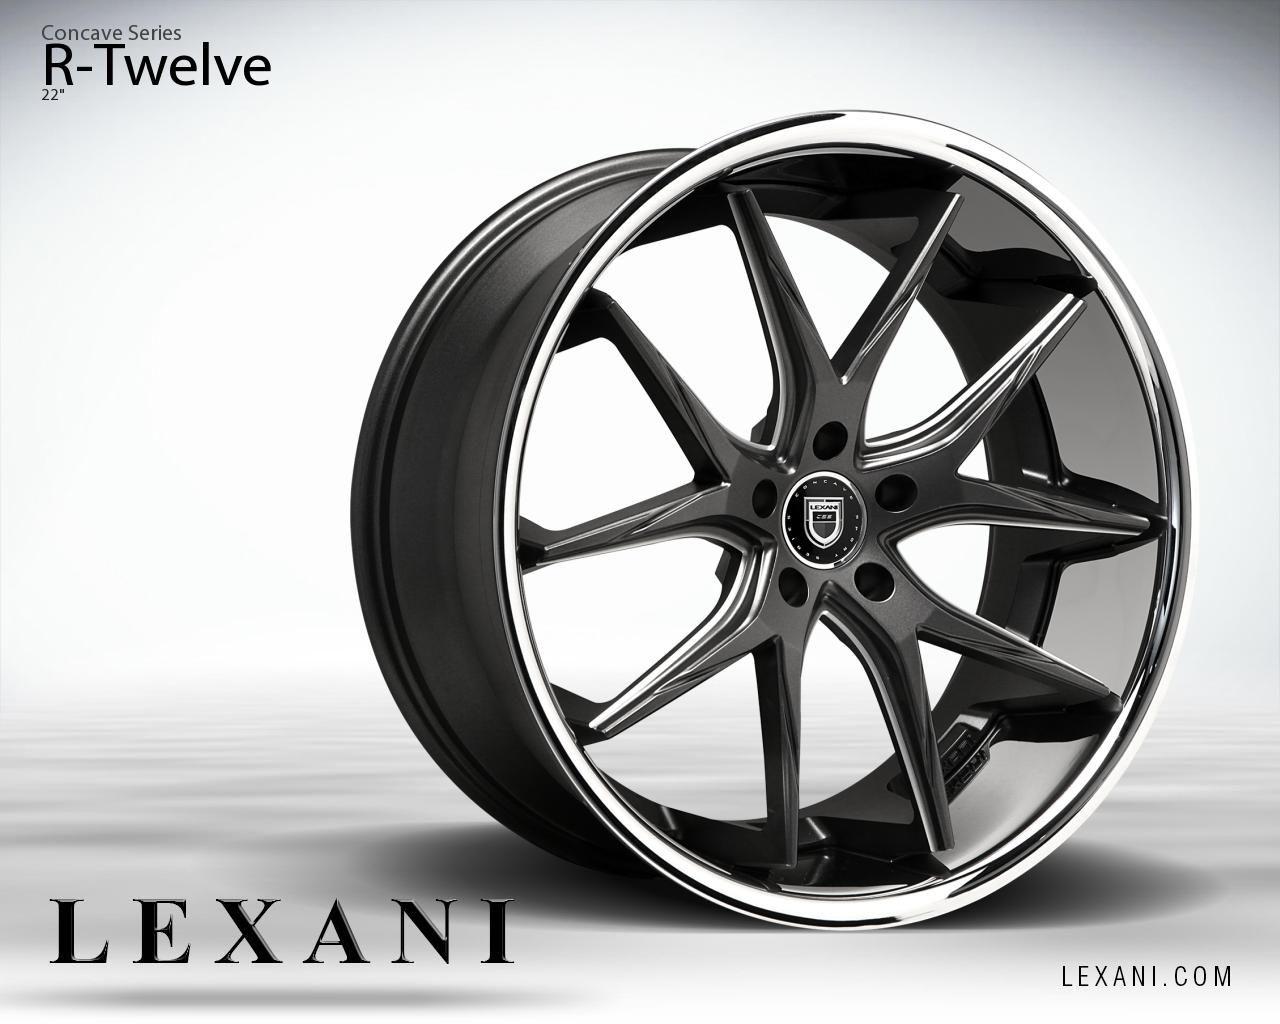 Lexani Wheels The Leader In Custom Luxury Wheels Wheel Detail R Twelve Part Of The Concave Series Wheel Concave Car Wheel